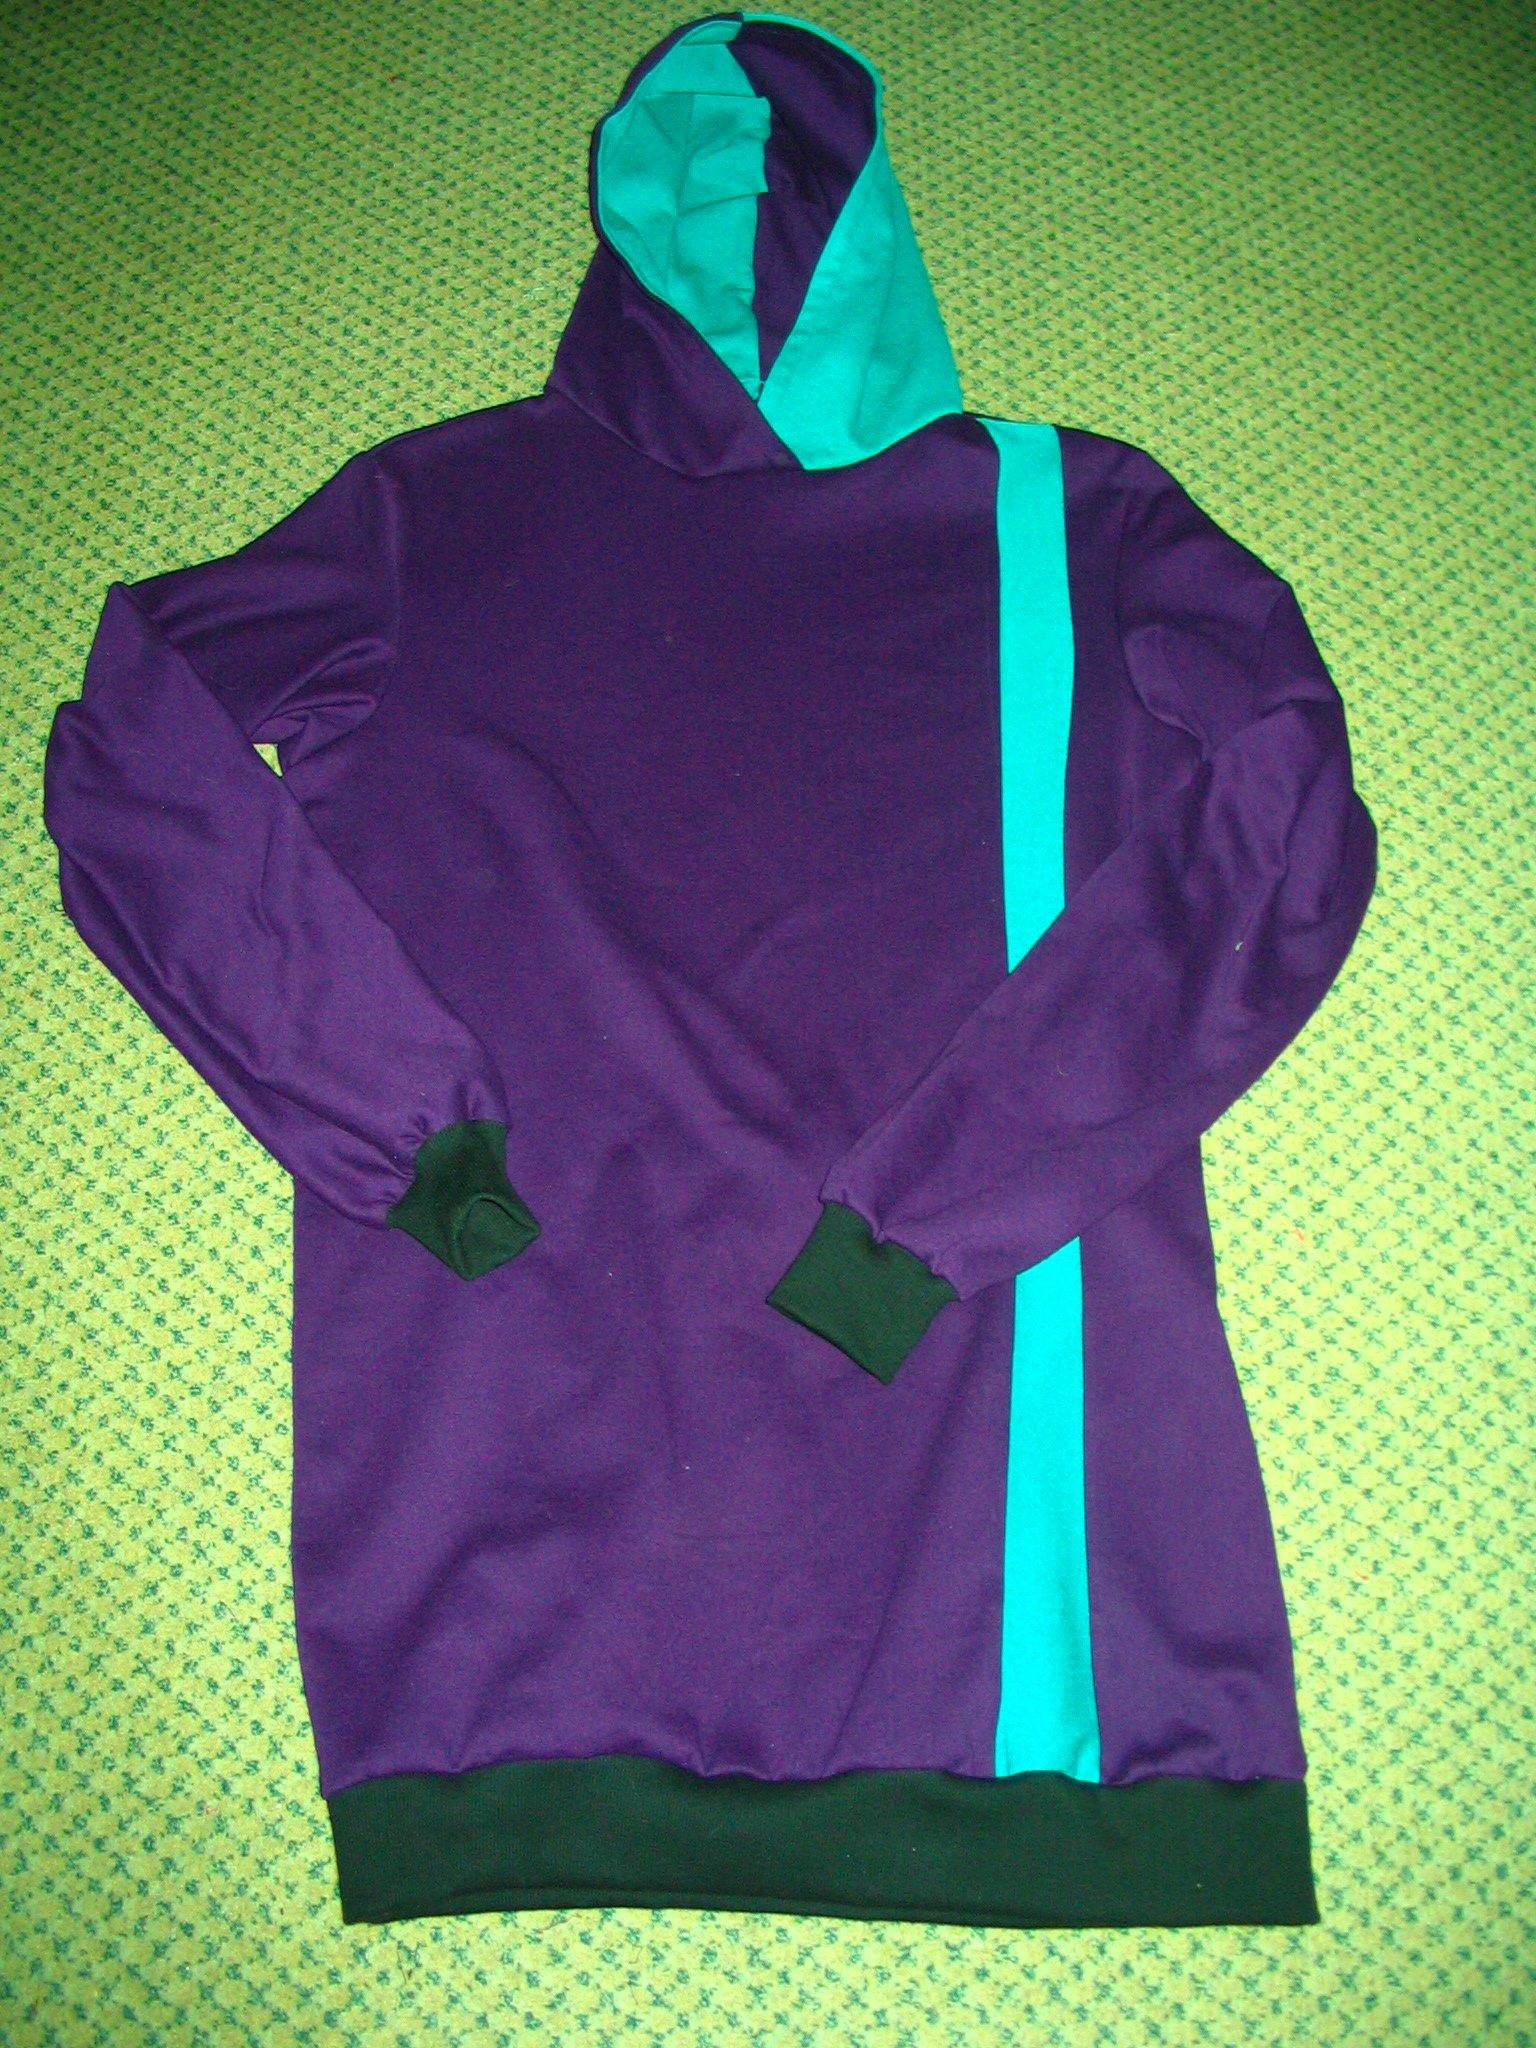 6th hoodie